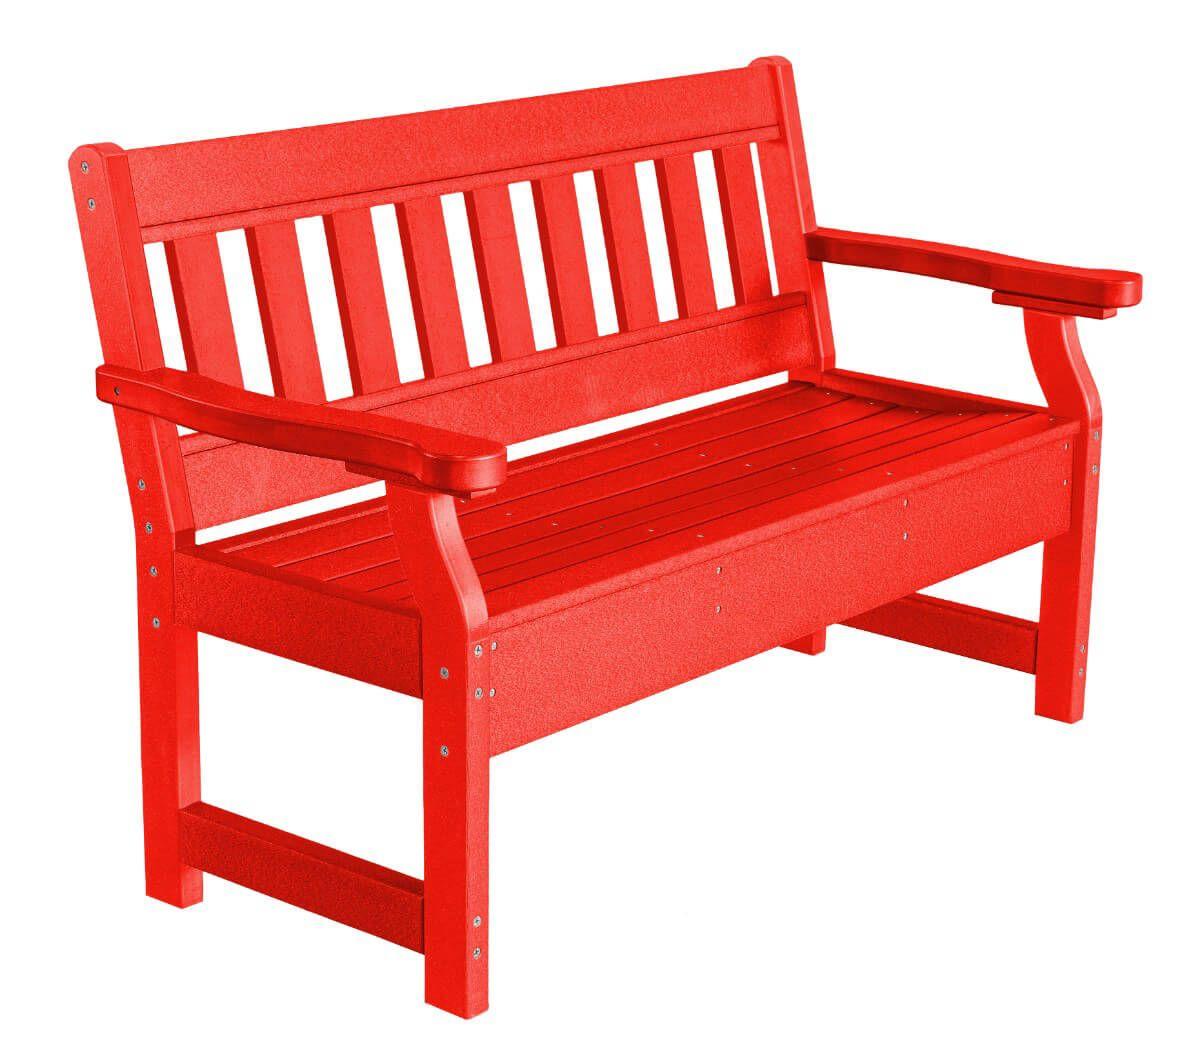 Bright Red Aden Garden Bench